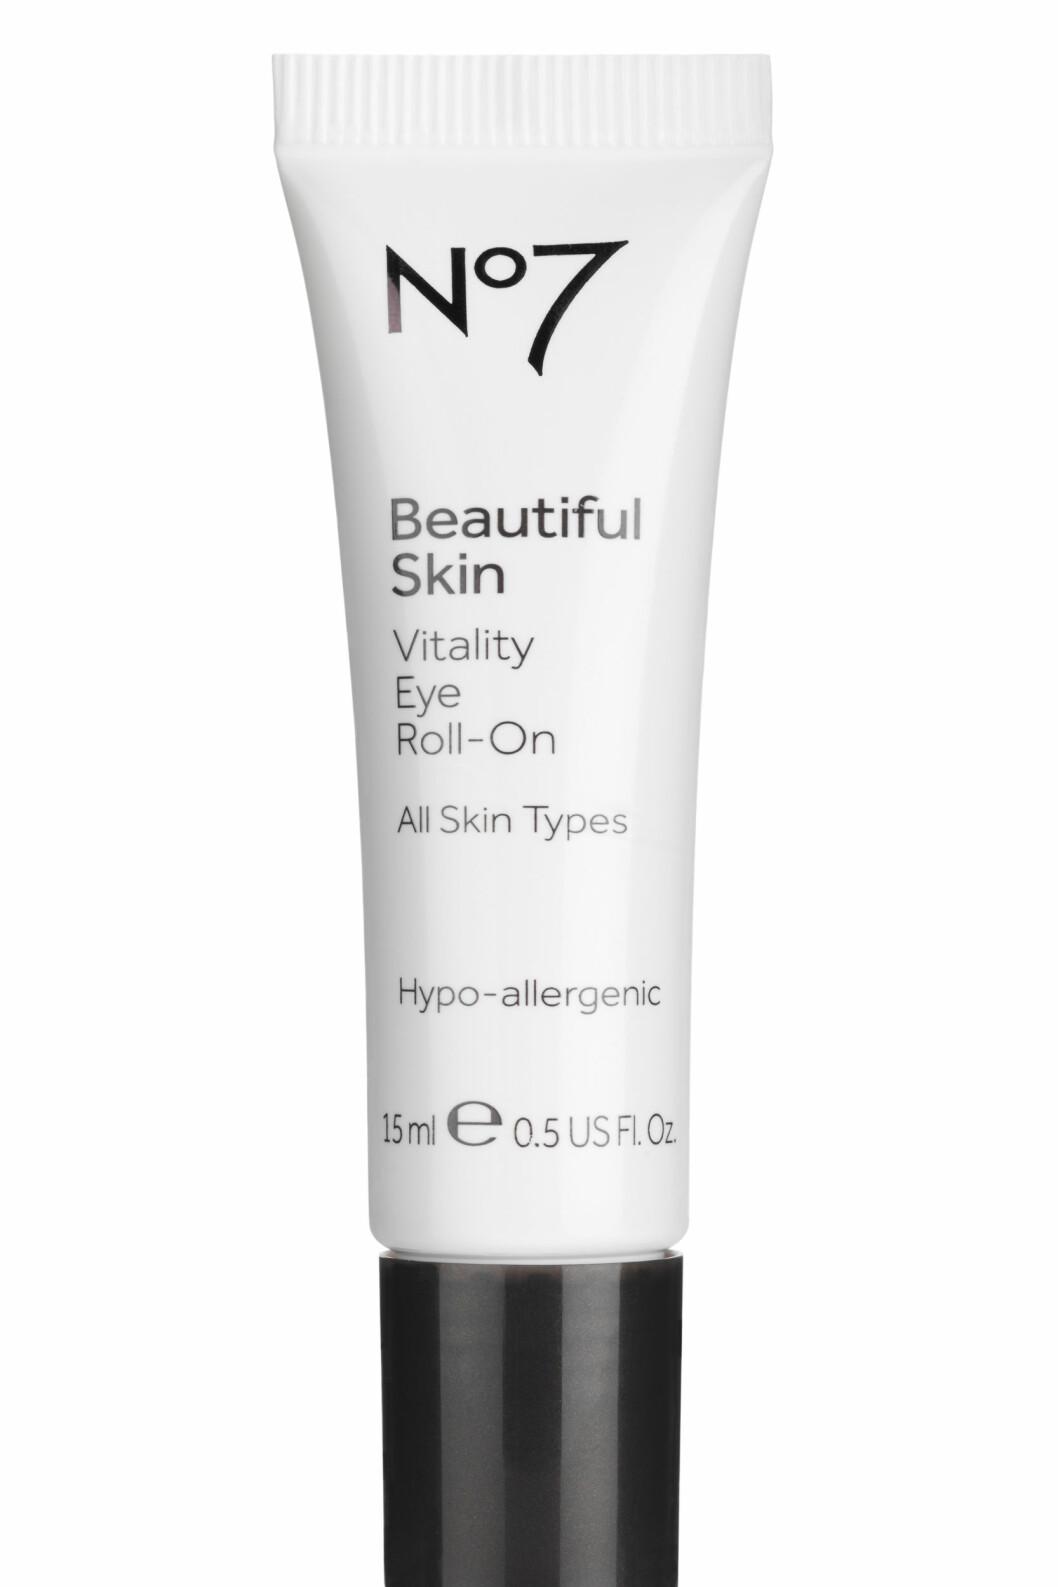 Beautiful Skin Vitality Eye Roll-On fra No7 er oppfriskende, avkjølende og fuktighetsgivende. Roll-on-applikatoren masserer forsiktig og gir en umiddelbar oppfriskende følelse. Reduserer synligheten av mørke ringer og poser under øynene. (15 ml, kr 189) Foto: Produsenten